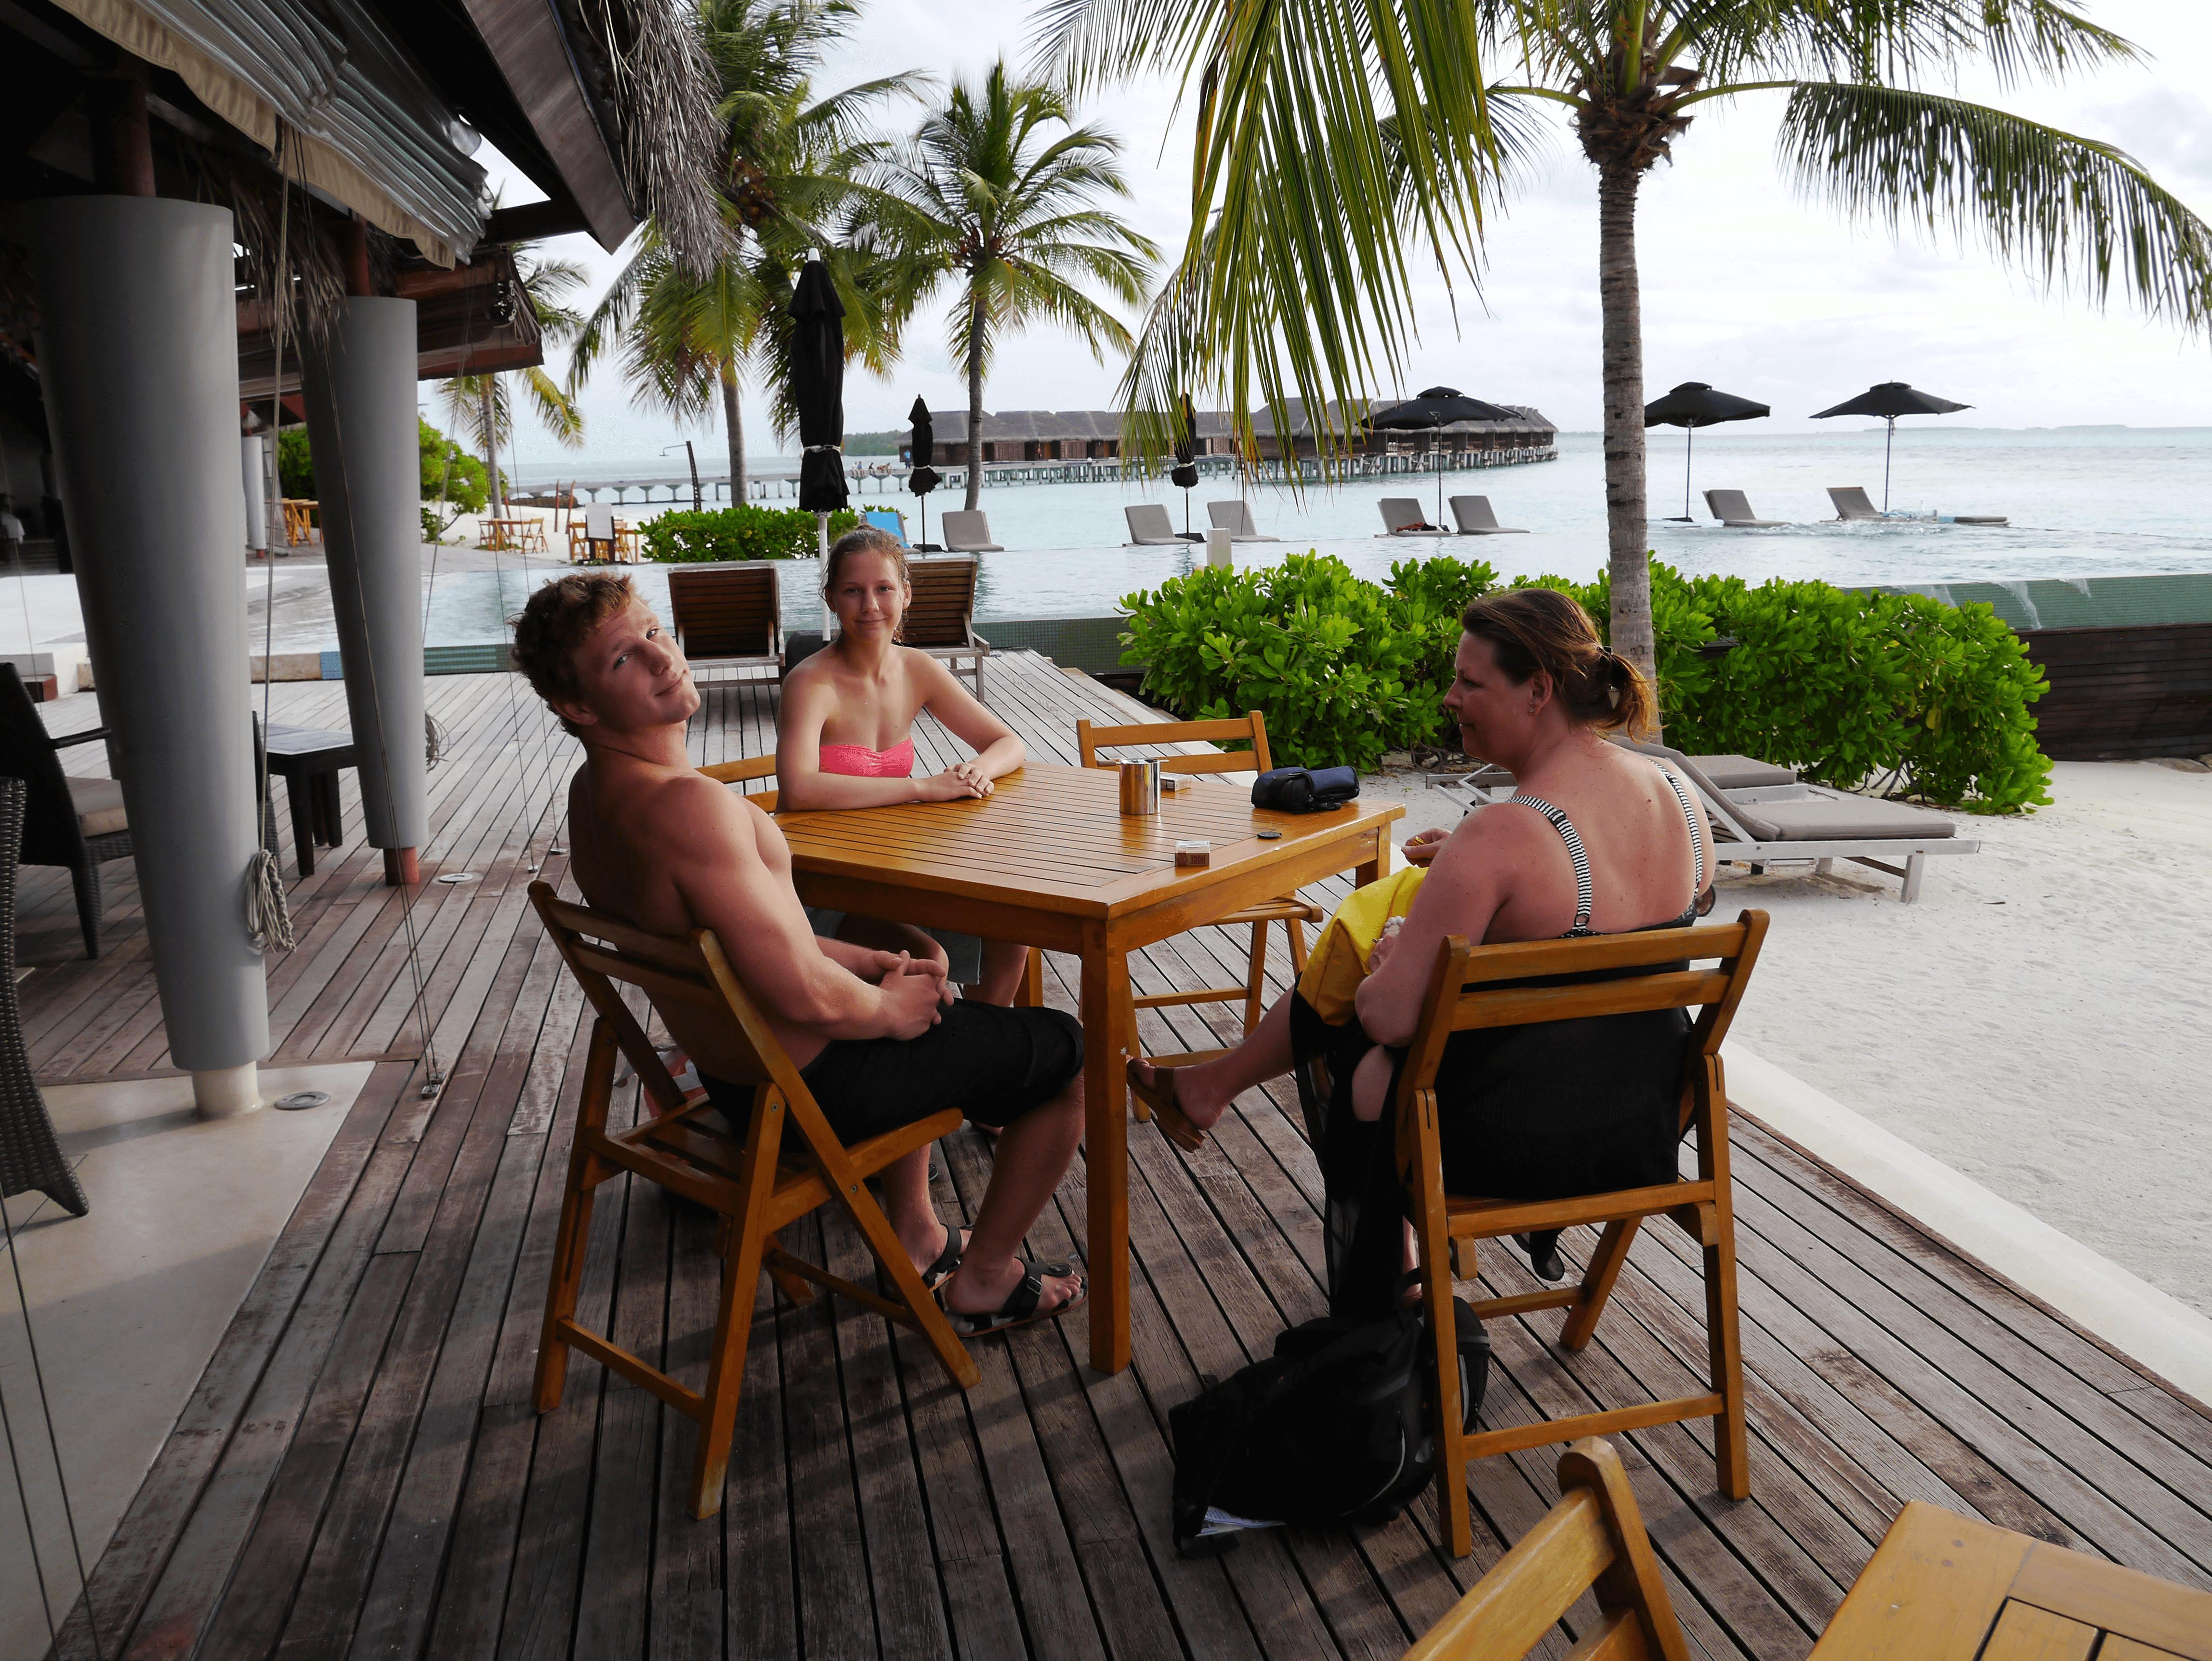 Maldivene, LUX* South Ari Atoll